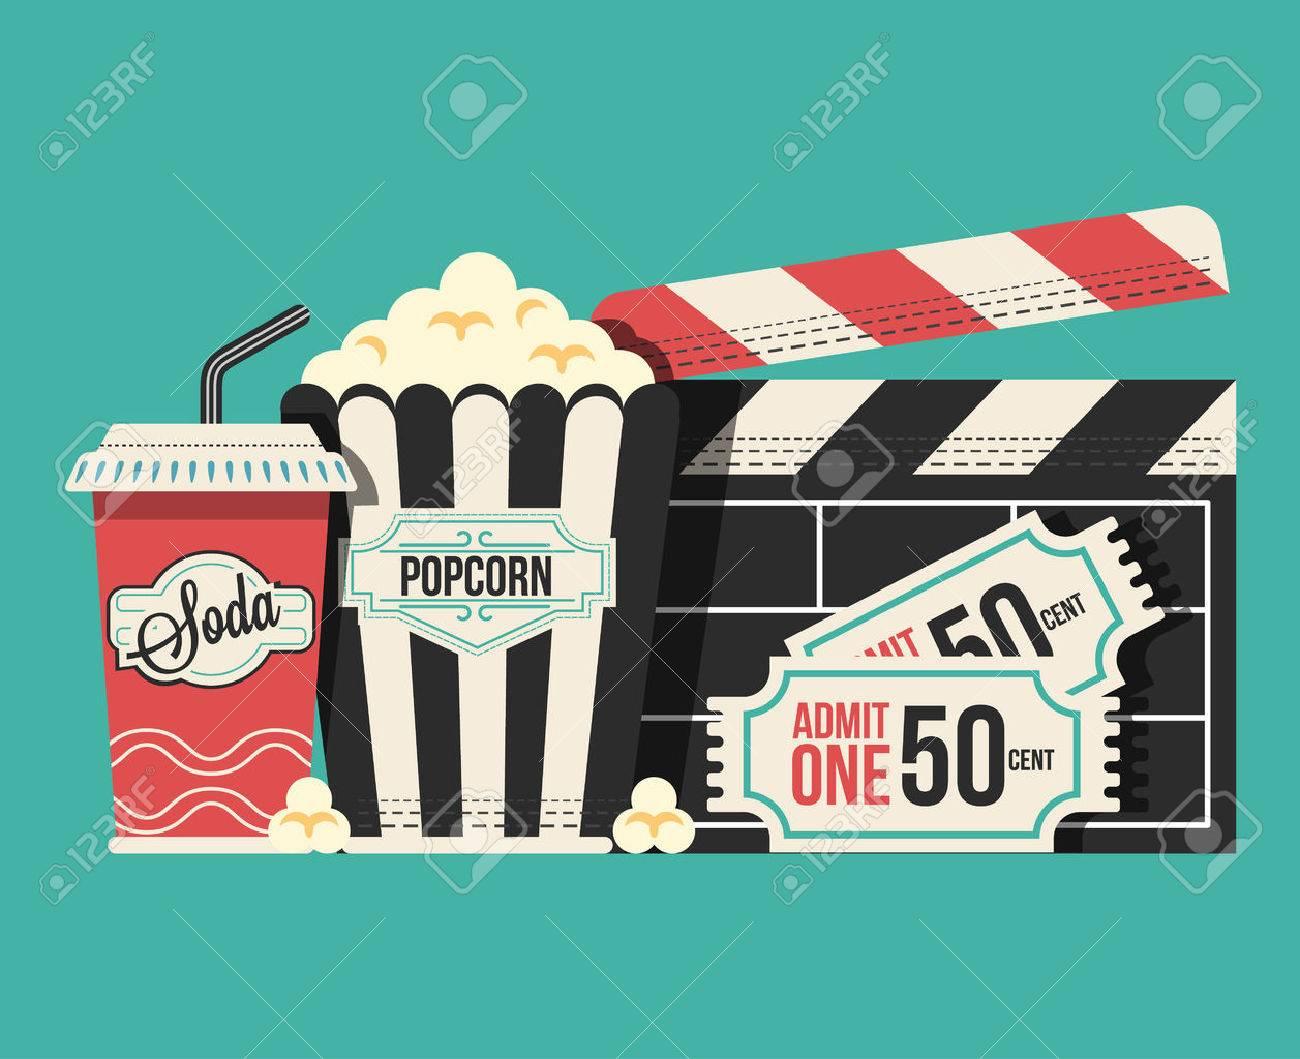 Retro movie flat cartoon lllustration - 55965644